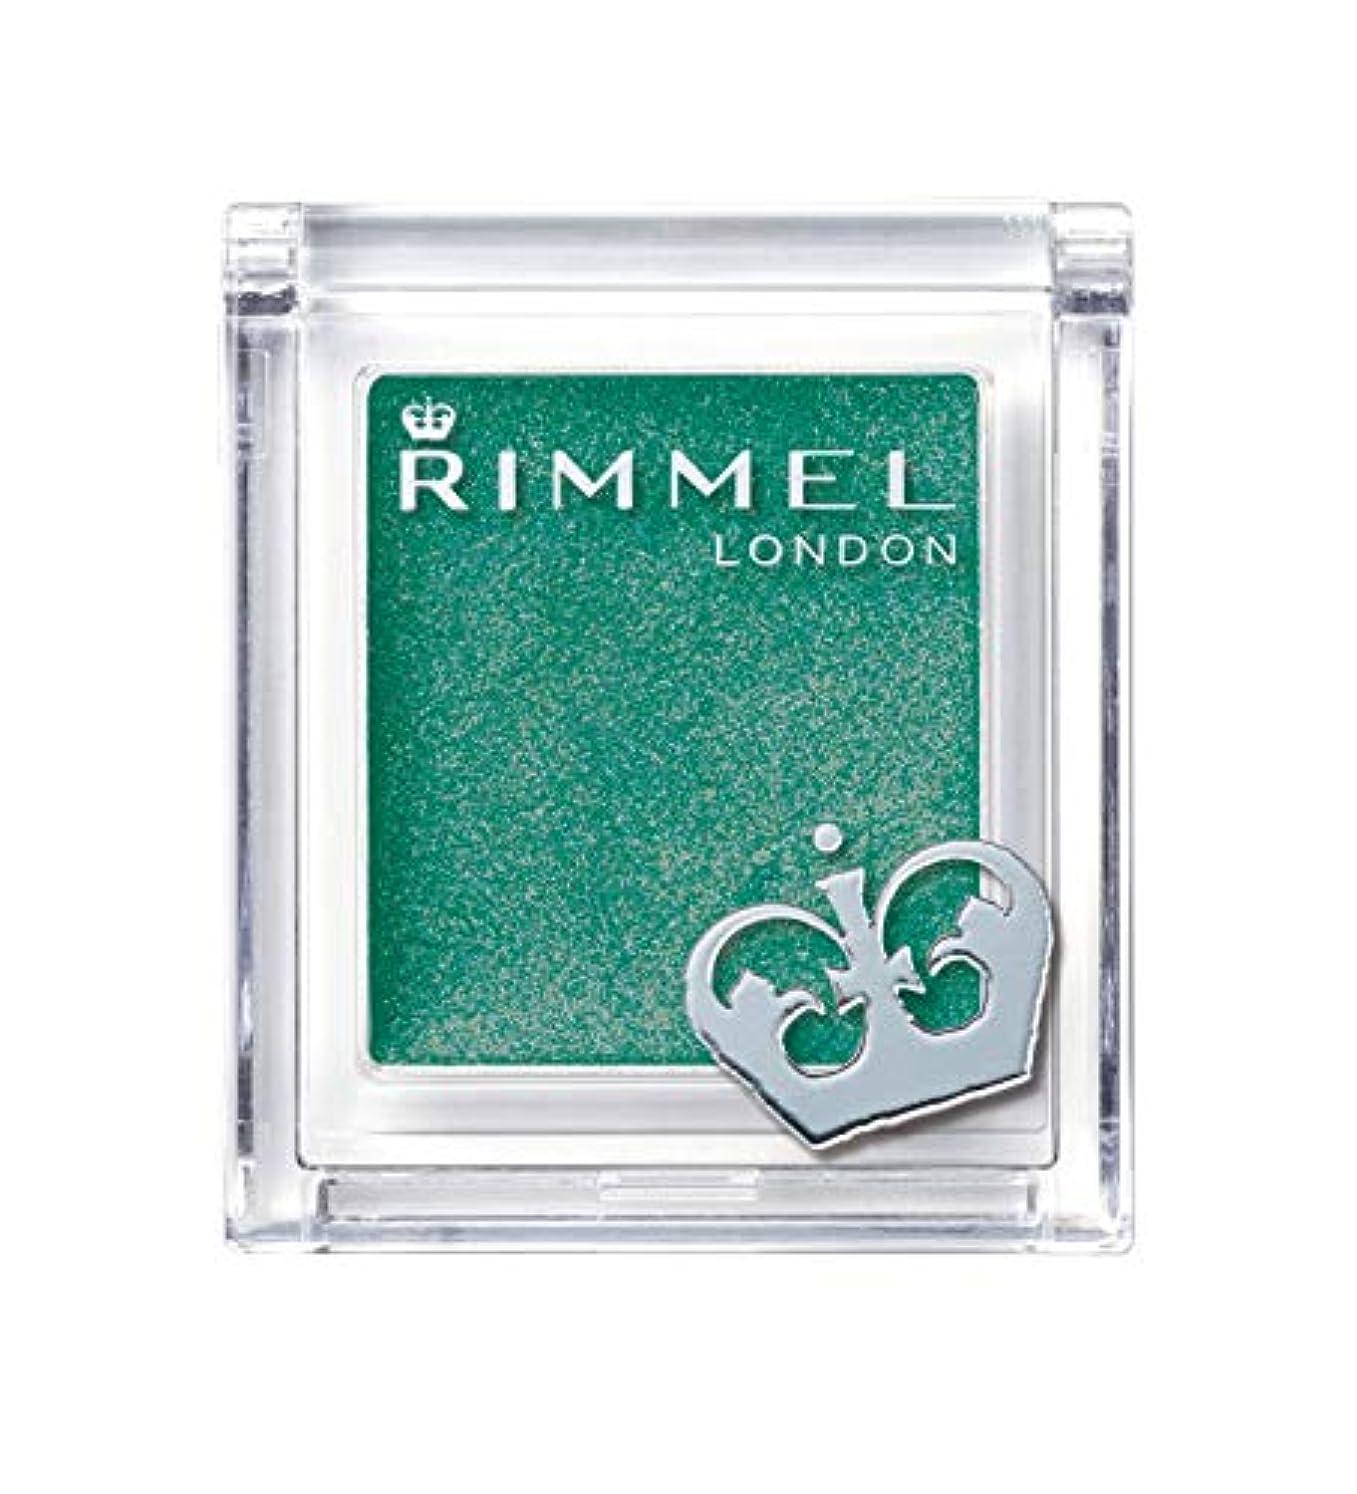 入手しますアイデアコメントRimmel (リンメル) リンメル プリズム パウダーアイカラー 023 モスグリーン 1.5g アイシャドウ